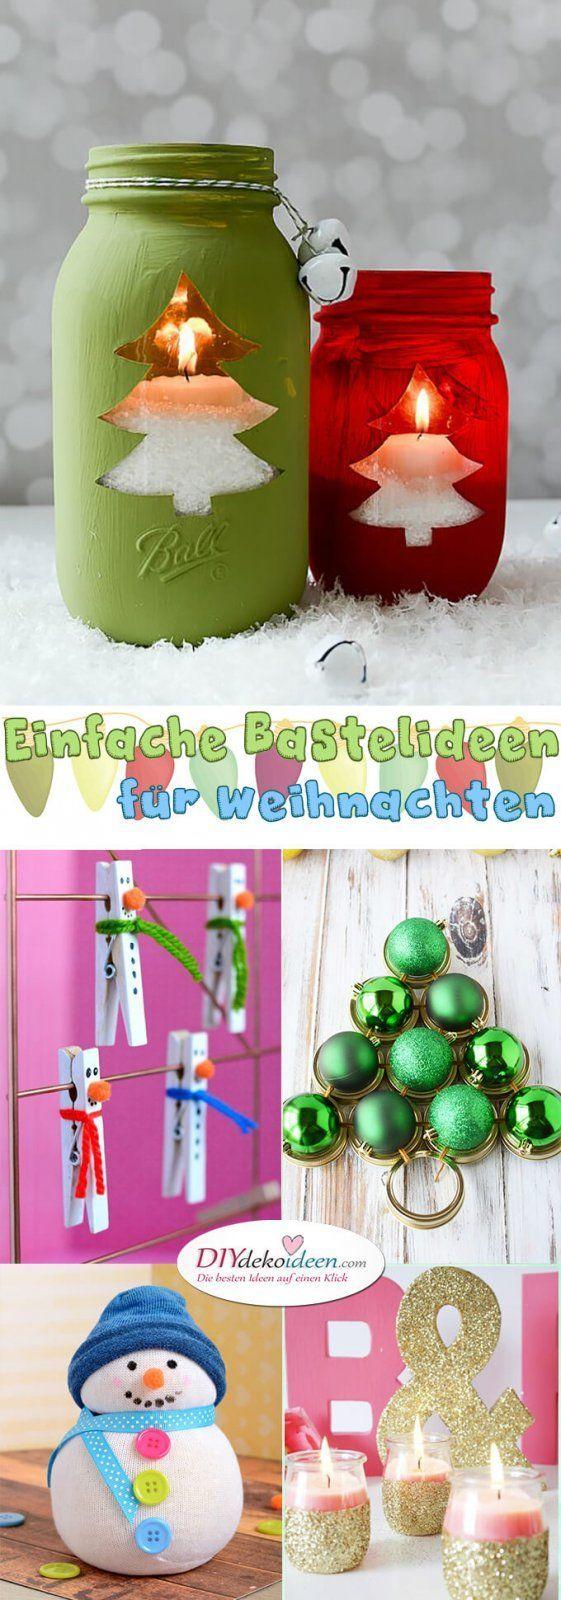 Einfache Bastelideen für Weihnachten, die Freude bringen